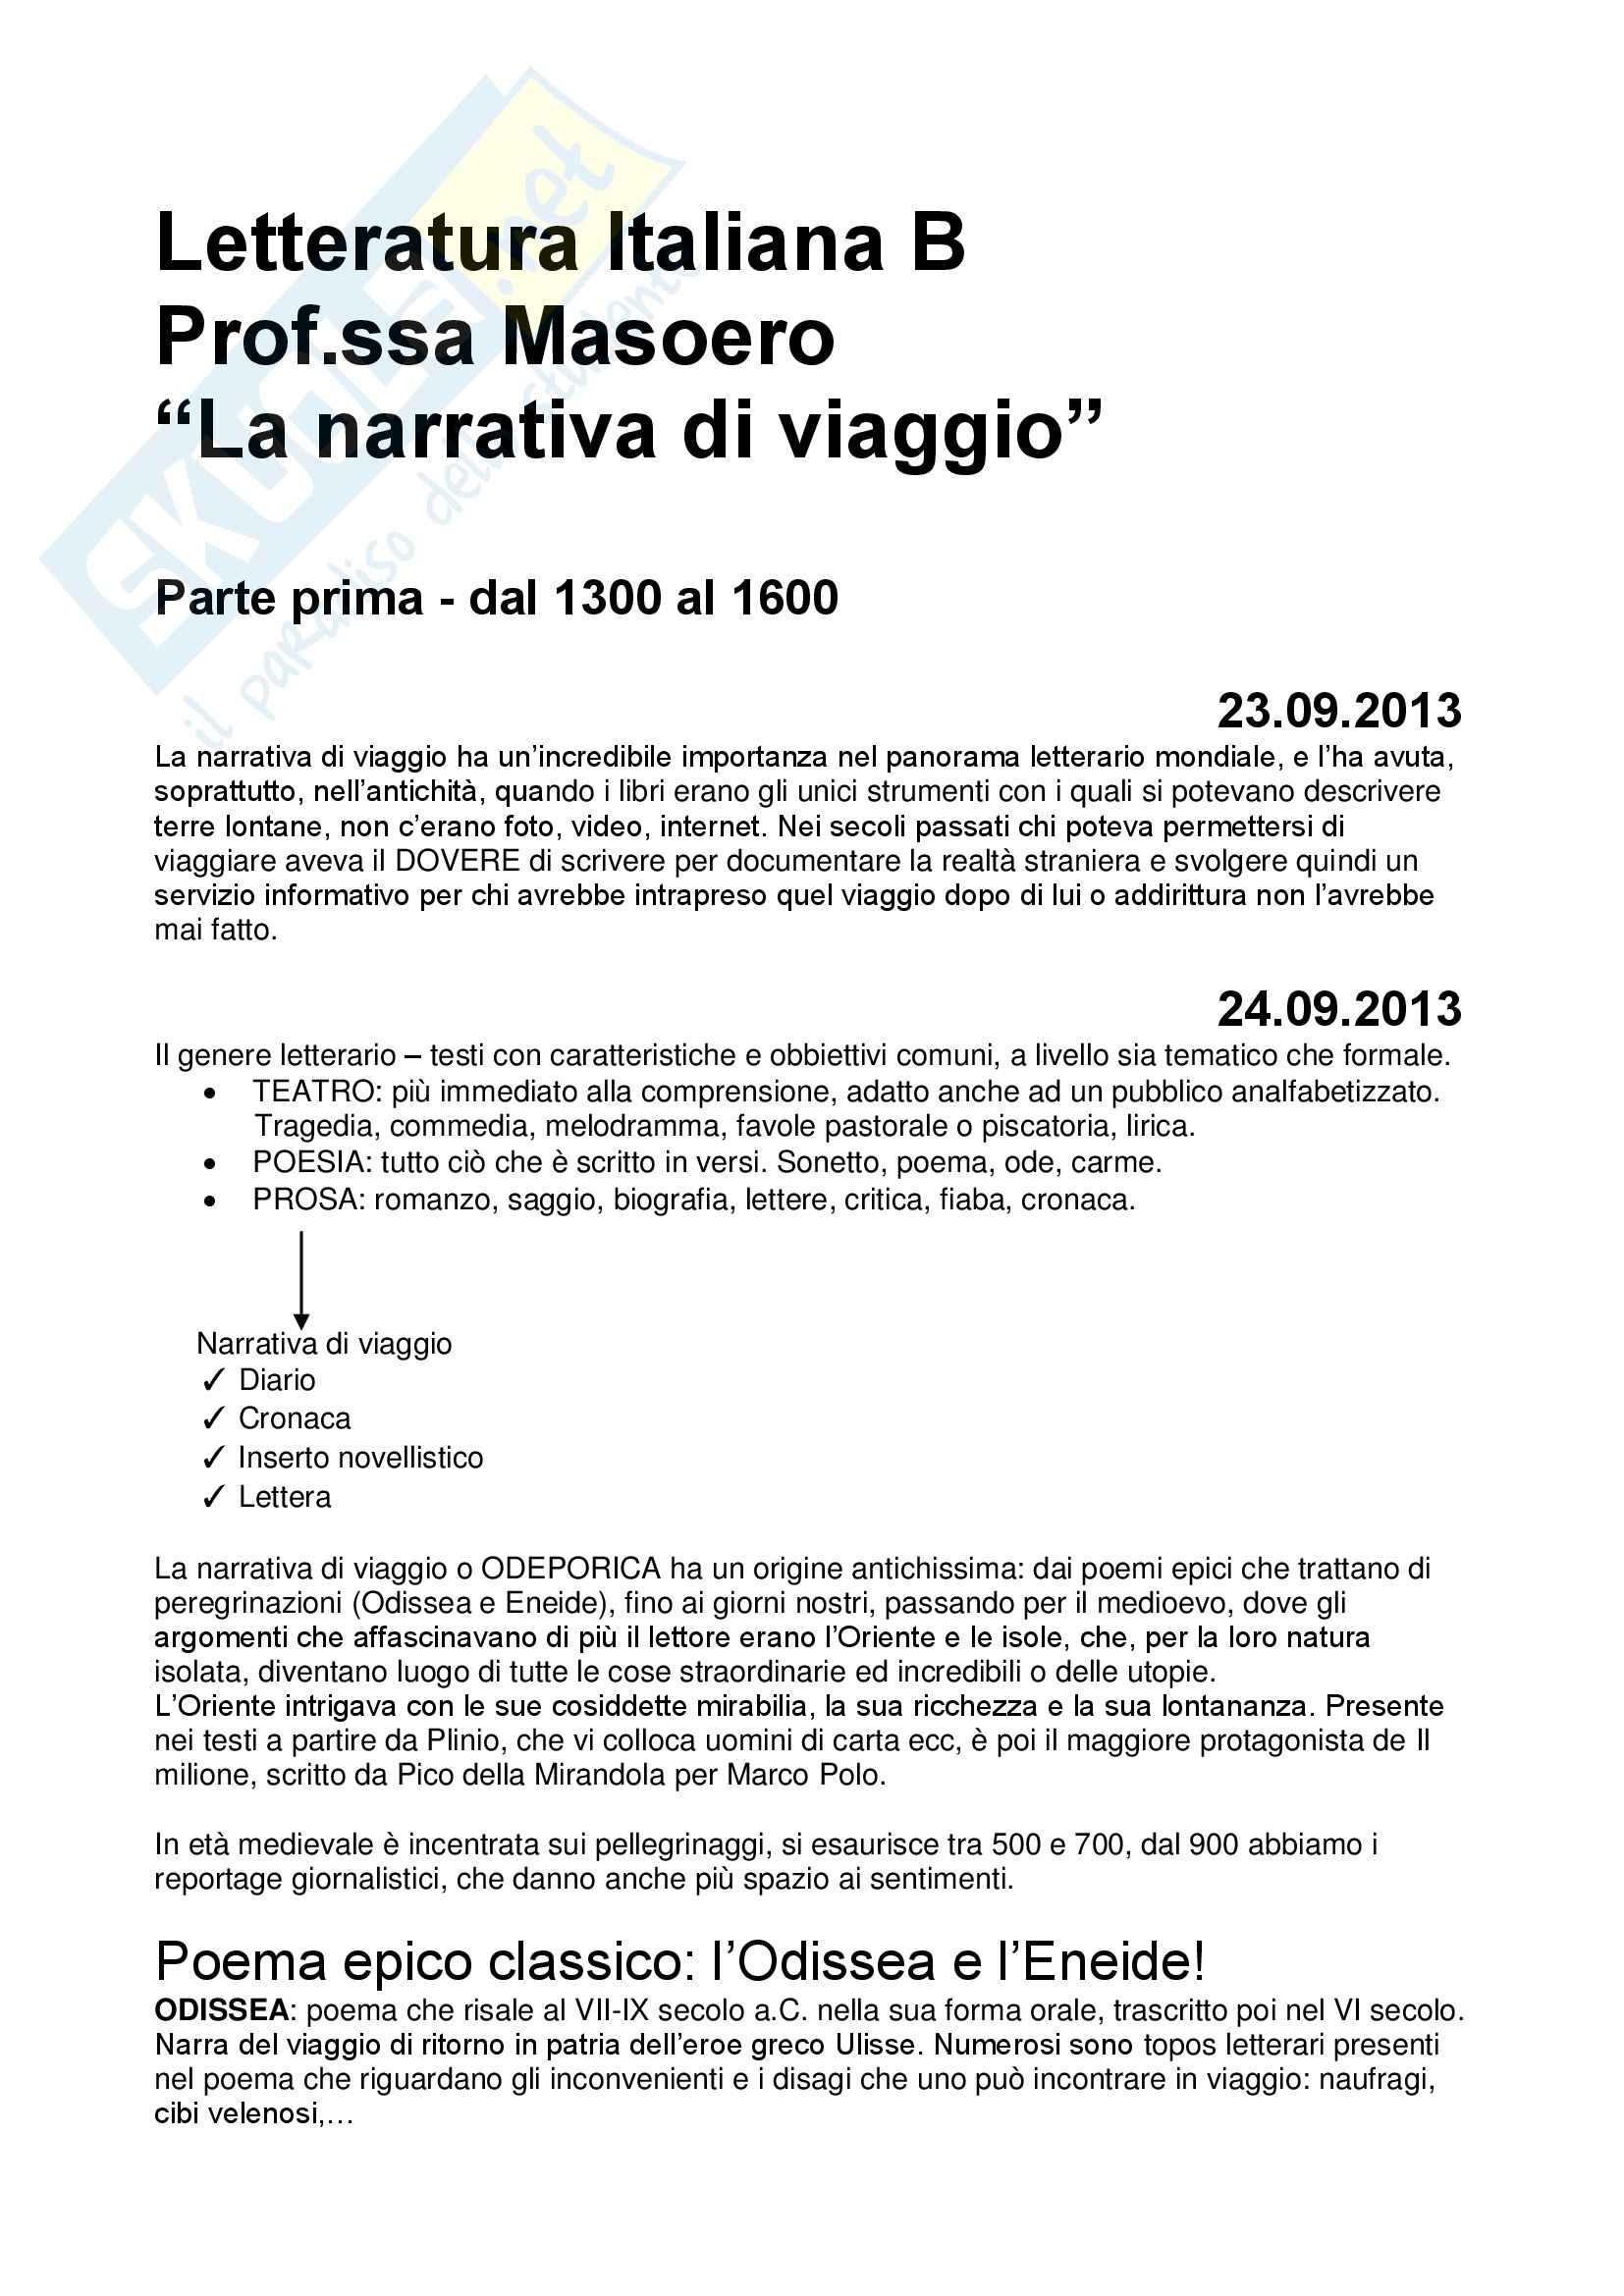 Letteratura italiana b -la narrativa di viaggio